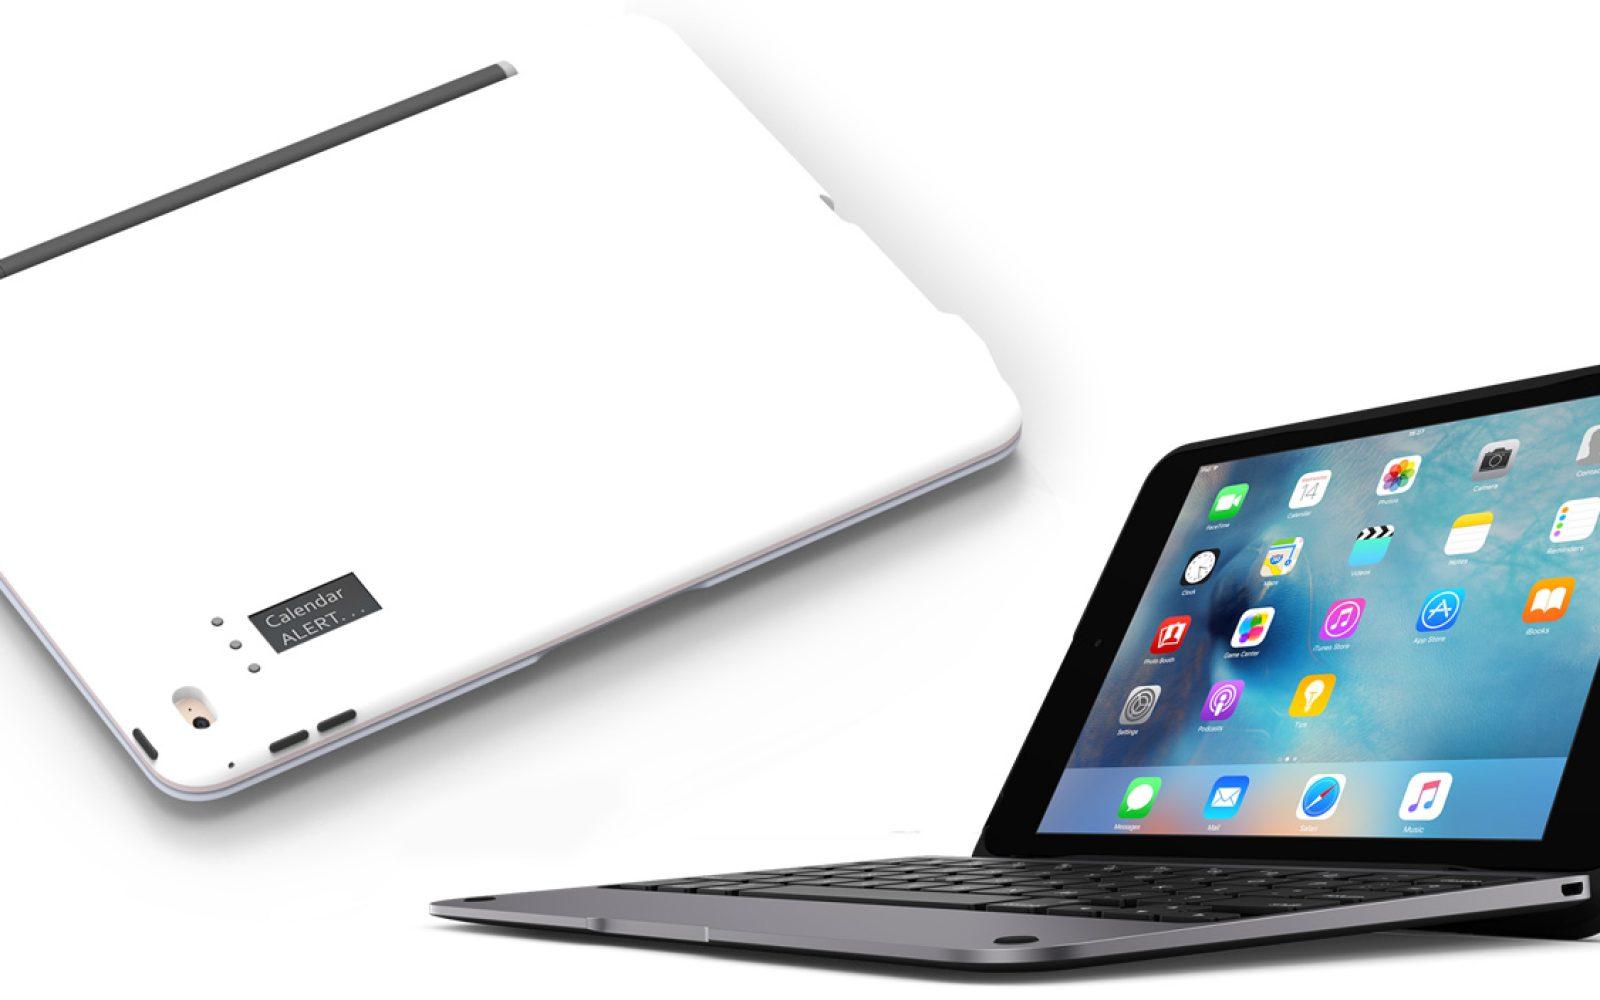 super popular 02d4a 3a1ea Incipio debuts ClamCase keyboards for iPad Pro, mini 4 + Air 2, adds ...